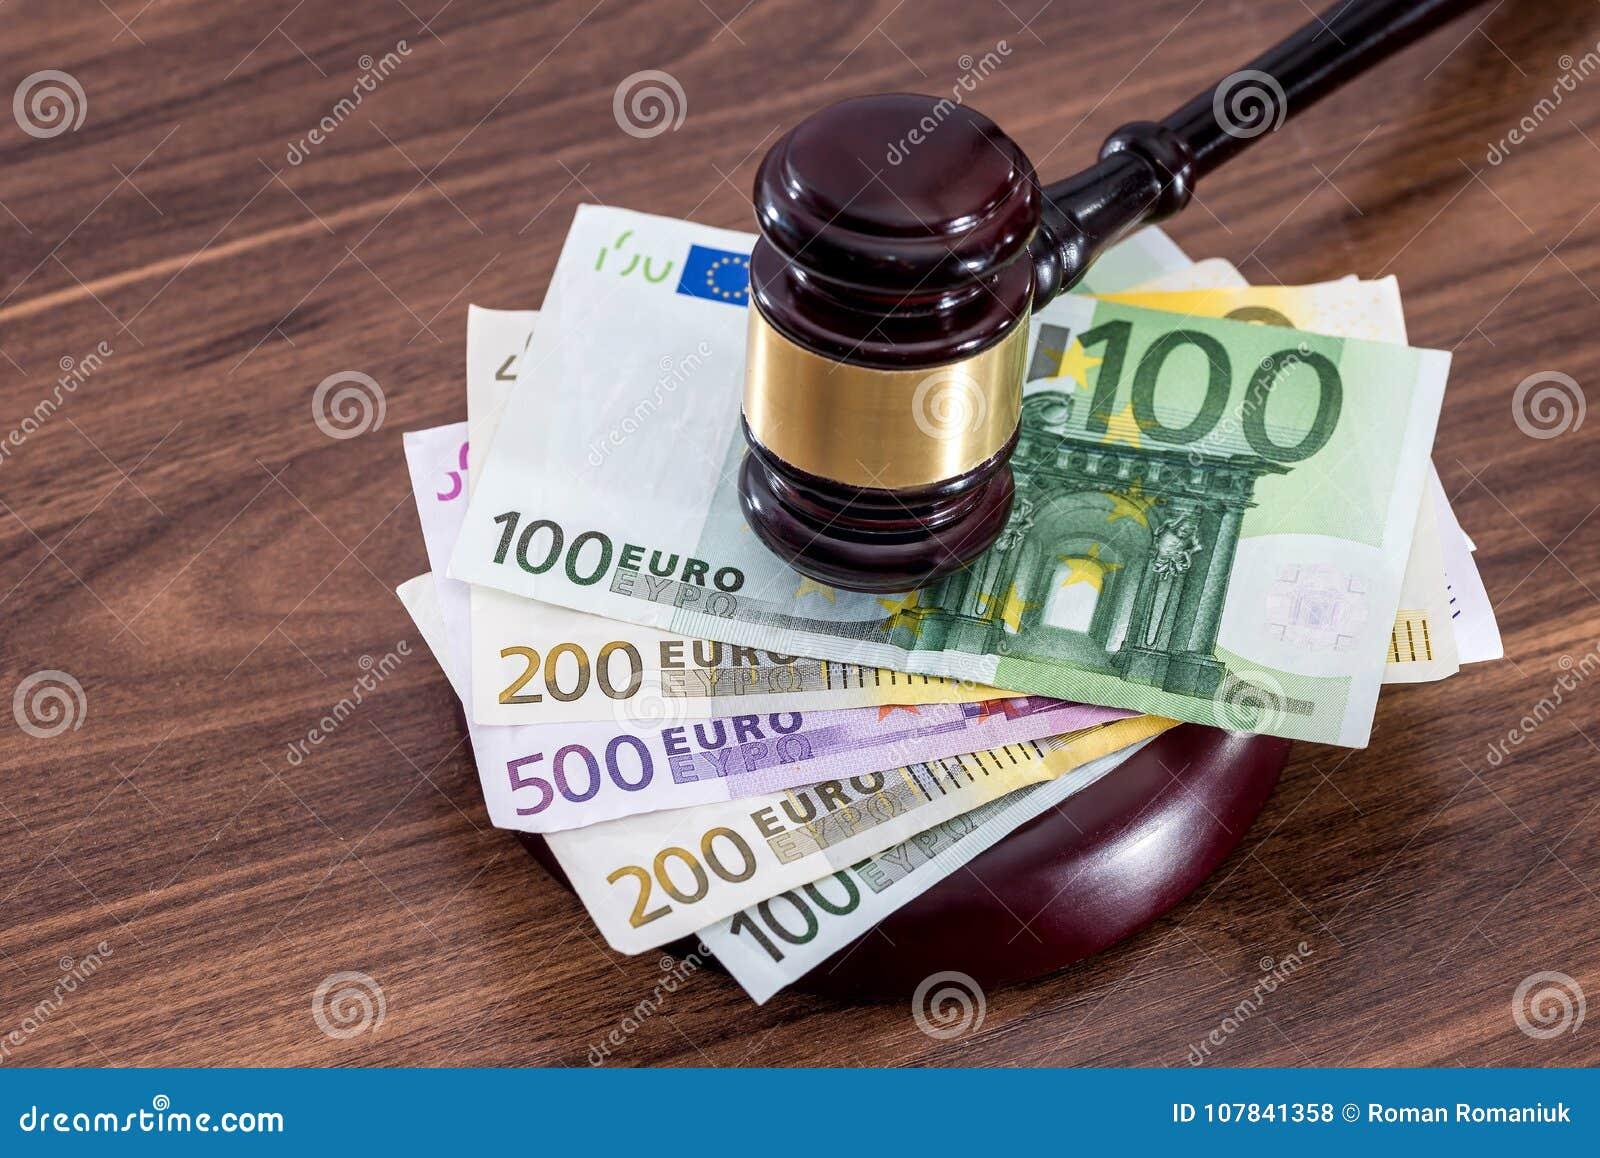 Concept bij de corruptie in rechtvaardigheid